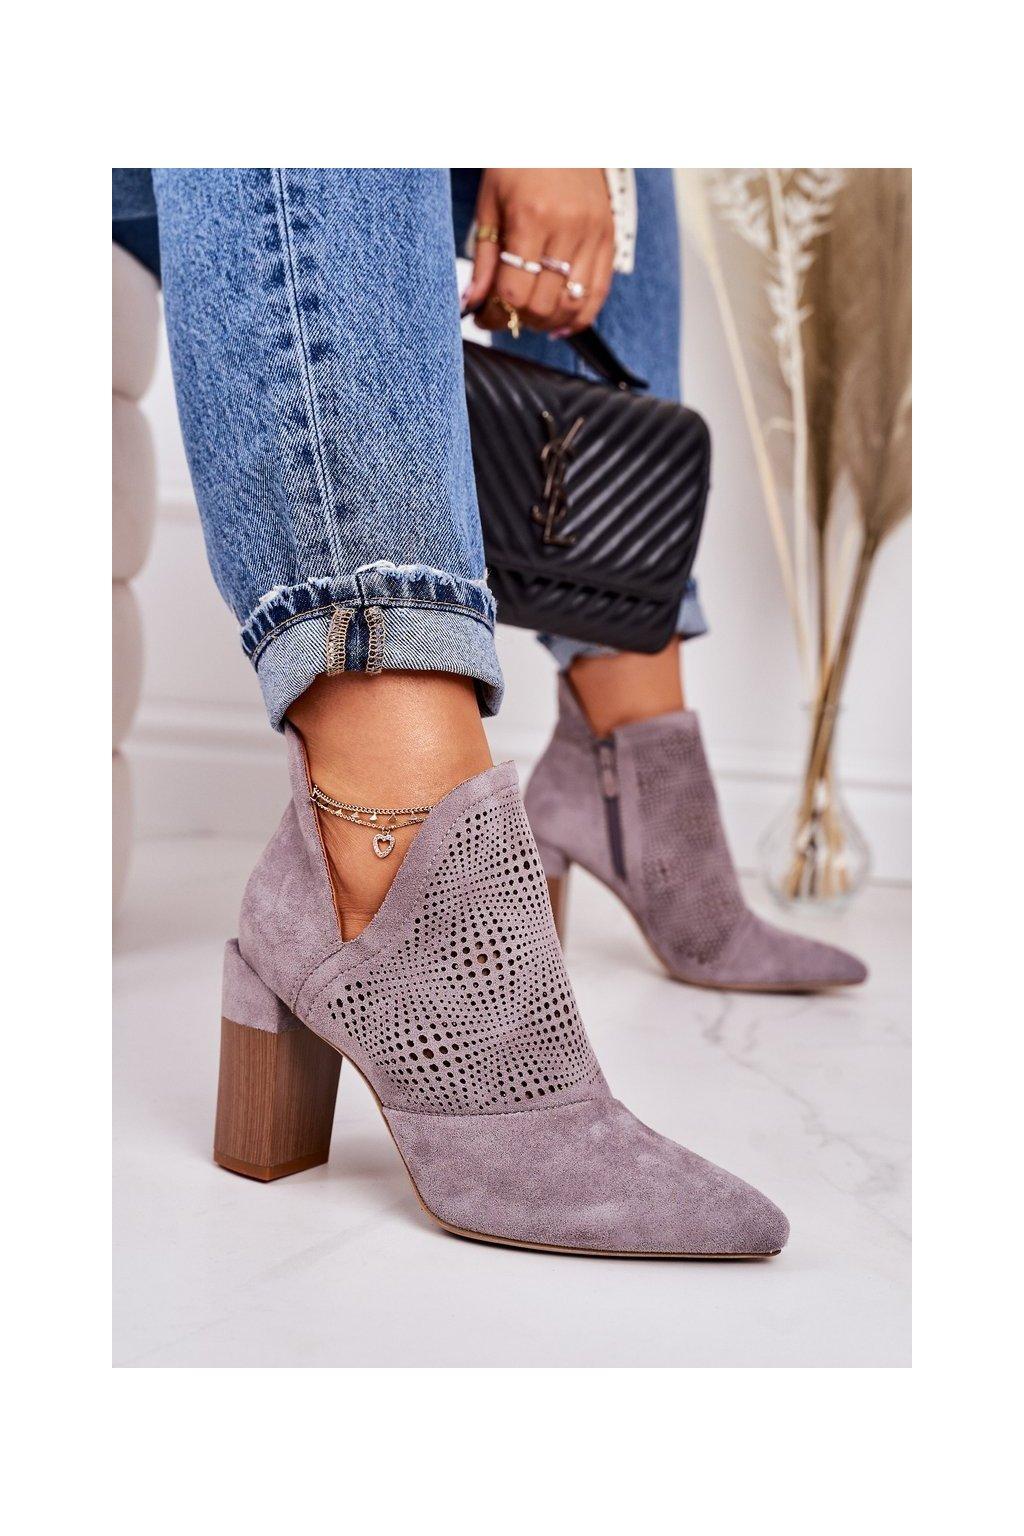 Členkové topánky na podpätku farba sivá kód obuvi A8802-26 GREY